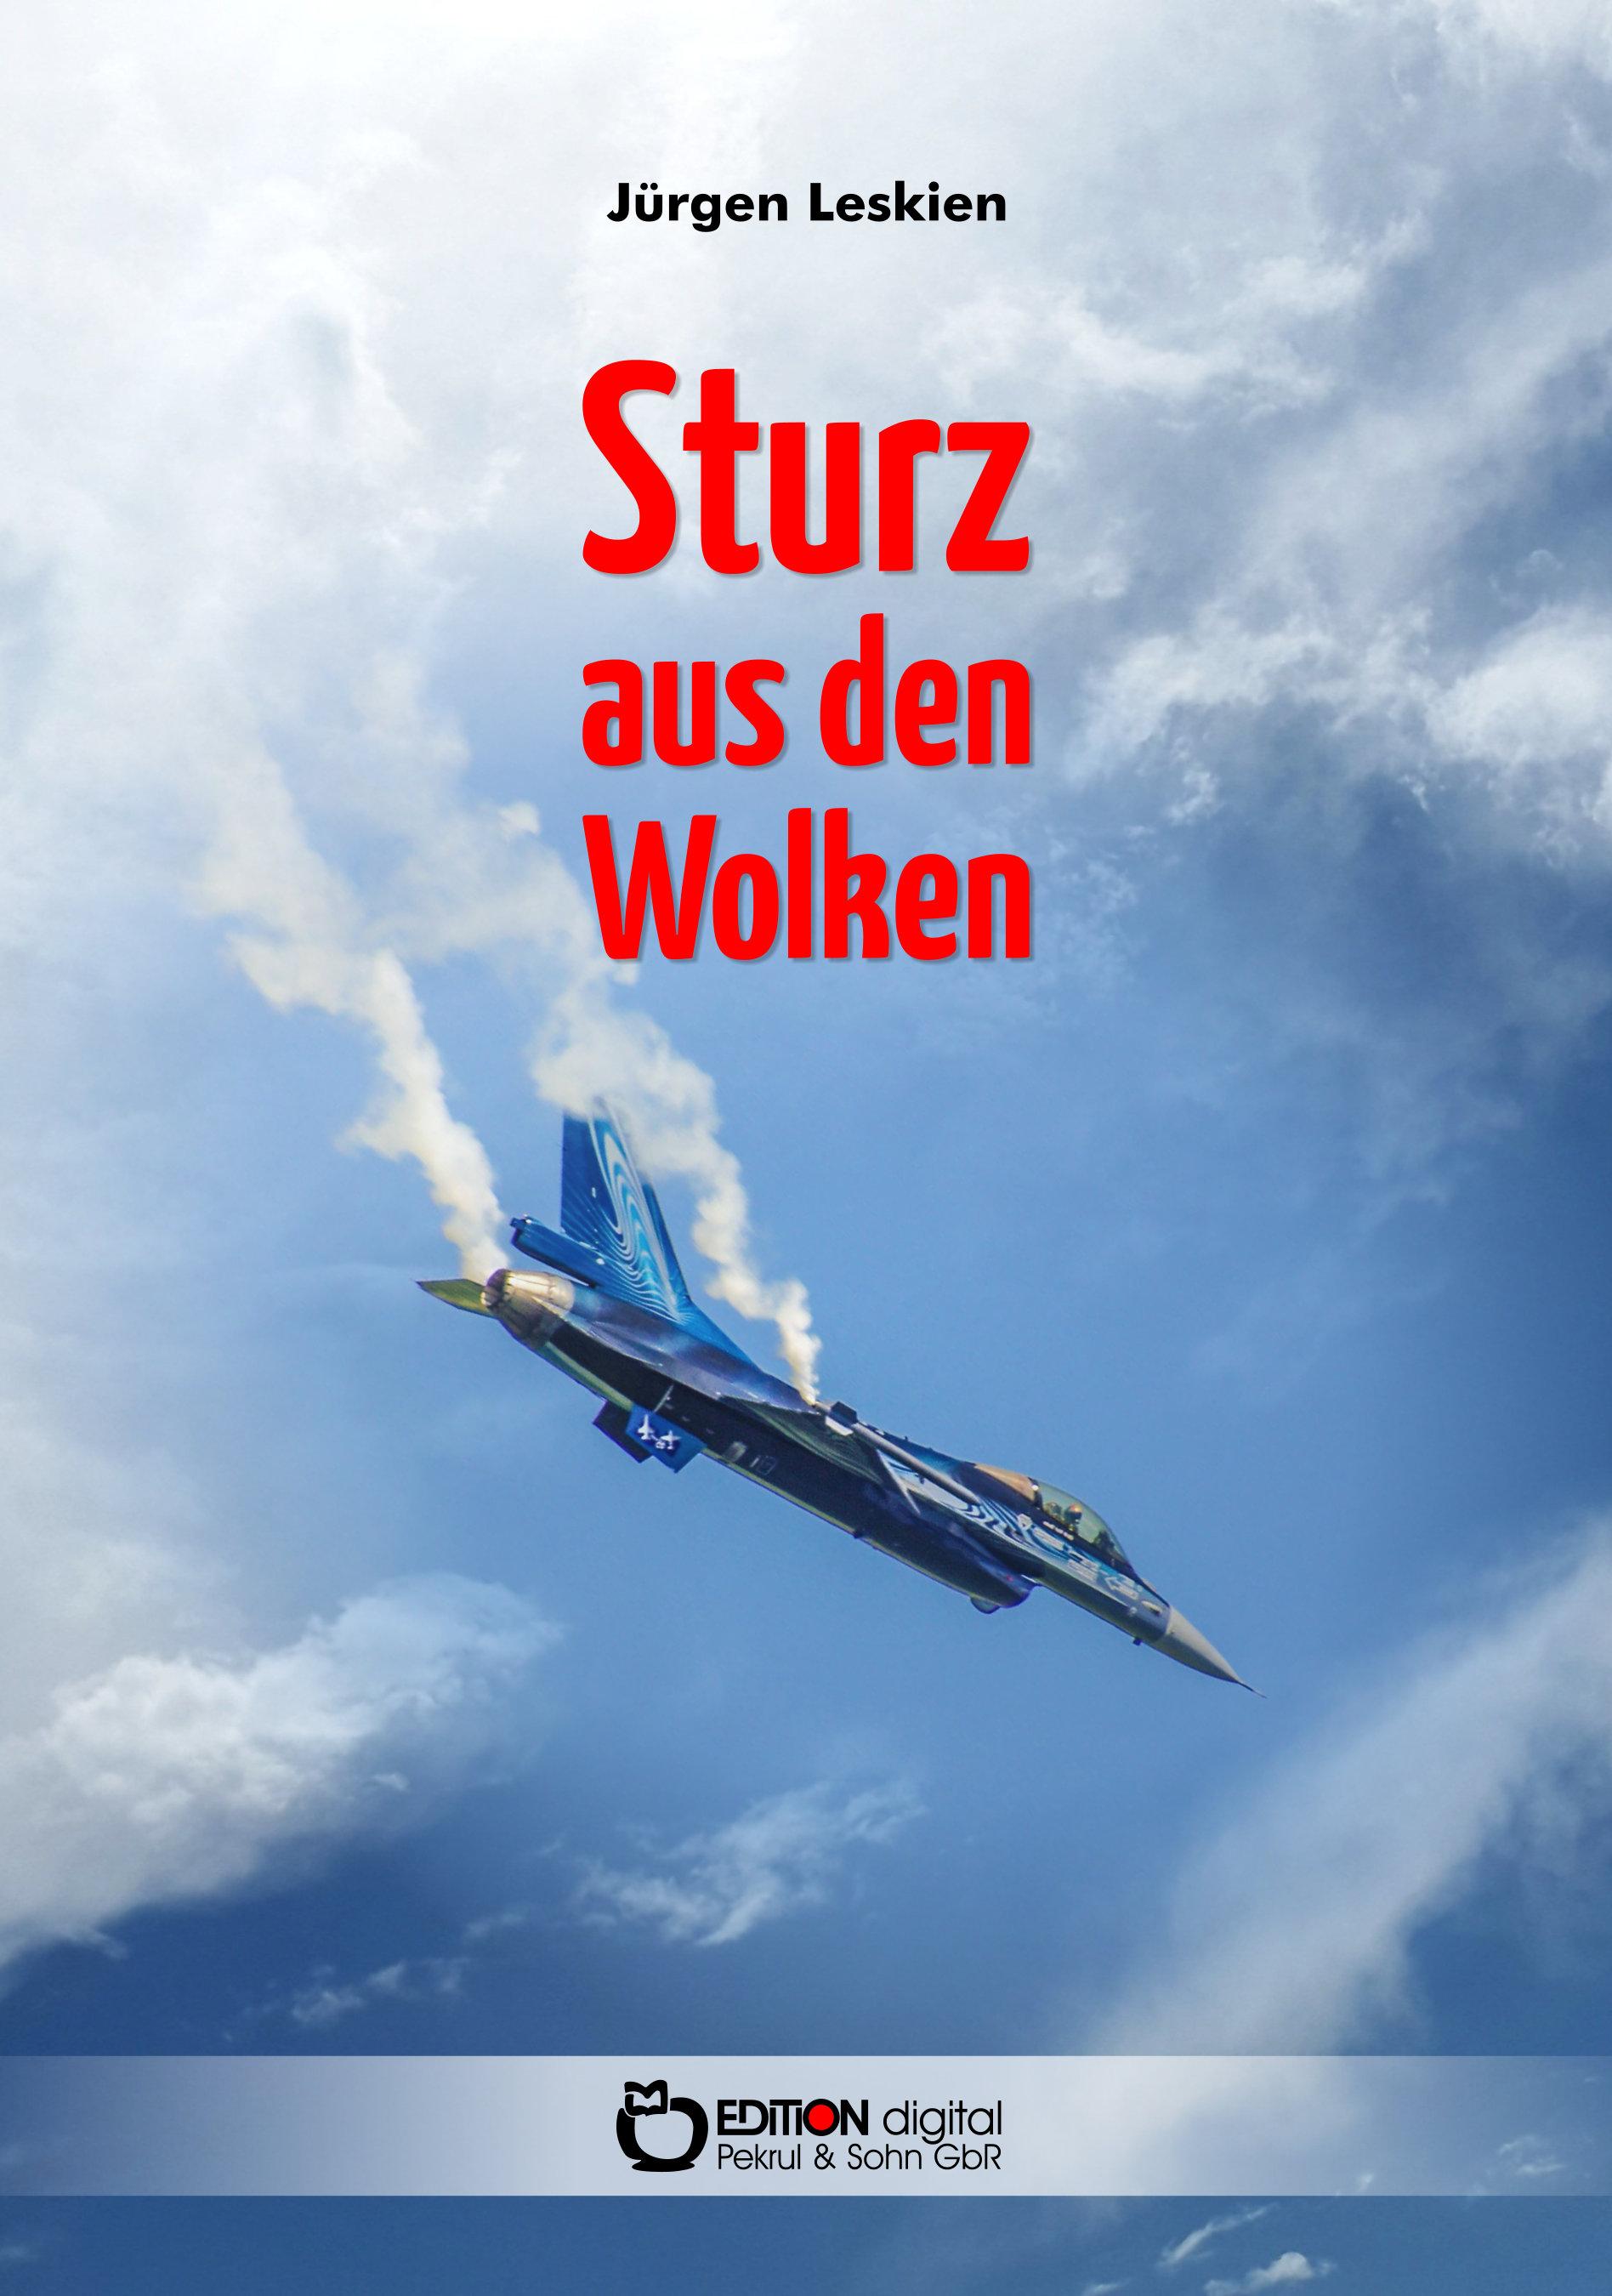 Sturz aus den Wolken von Jürgen Leskien